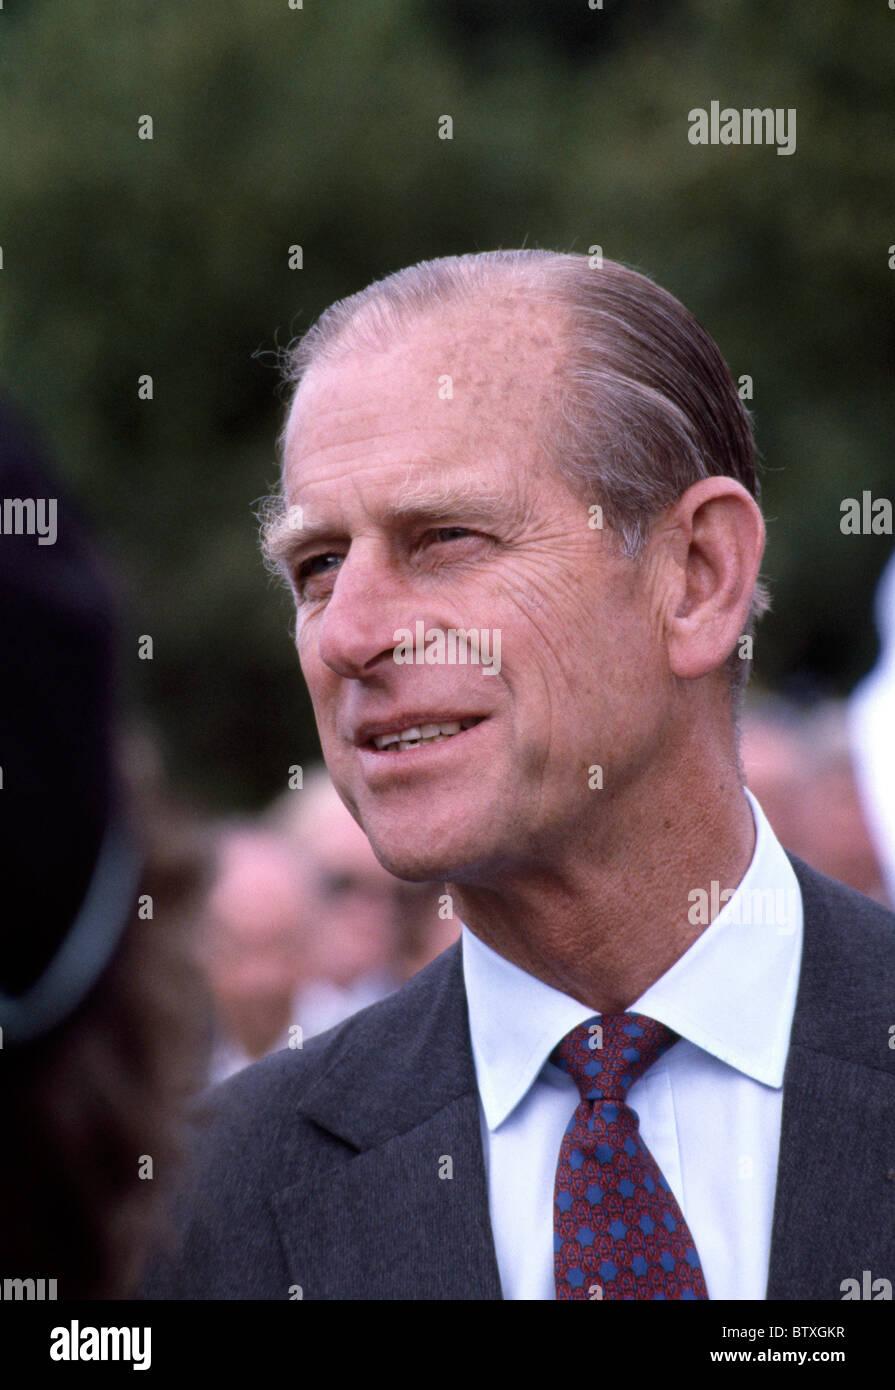 Edimburgo - 2 de julio: El Príncipe Felipe, Duque de Edimburgo, en una visita a Edimburgo el 2 de julio de 1982 en Edimburgo, Escocia. Foto de stock